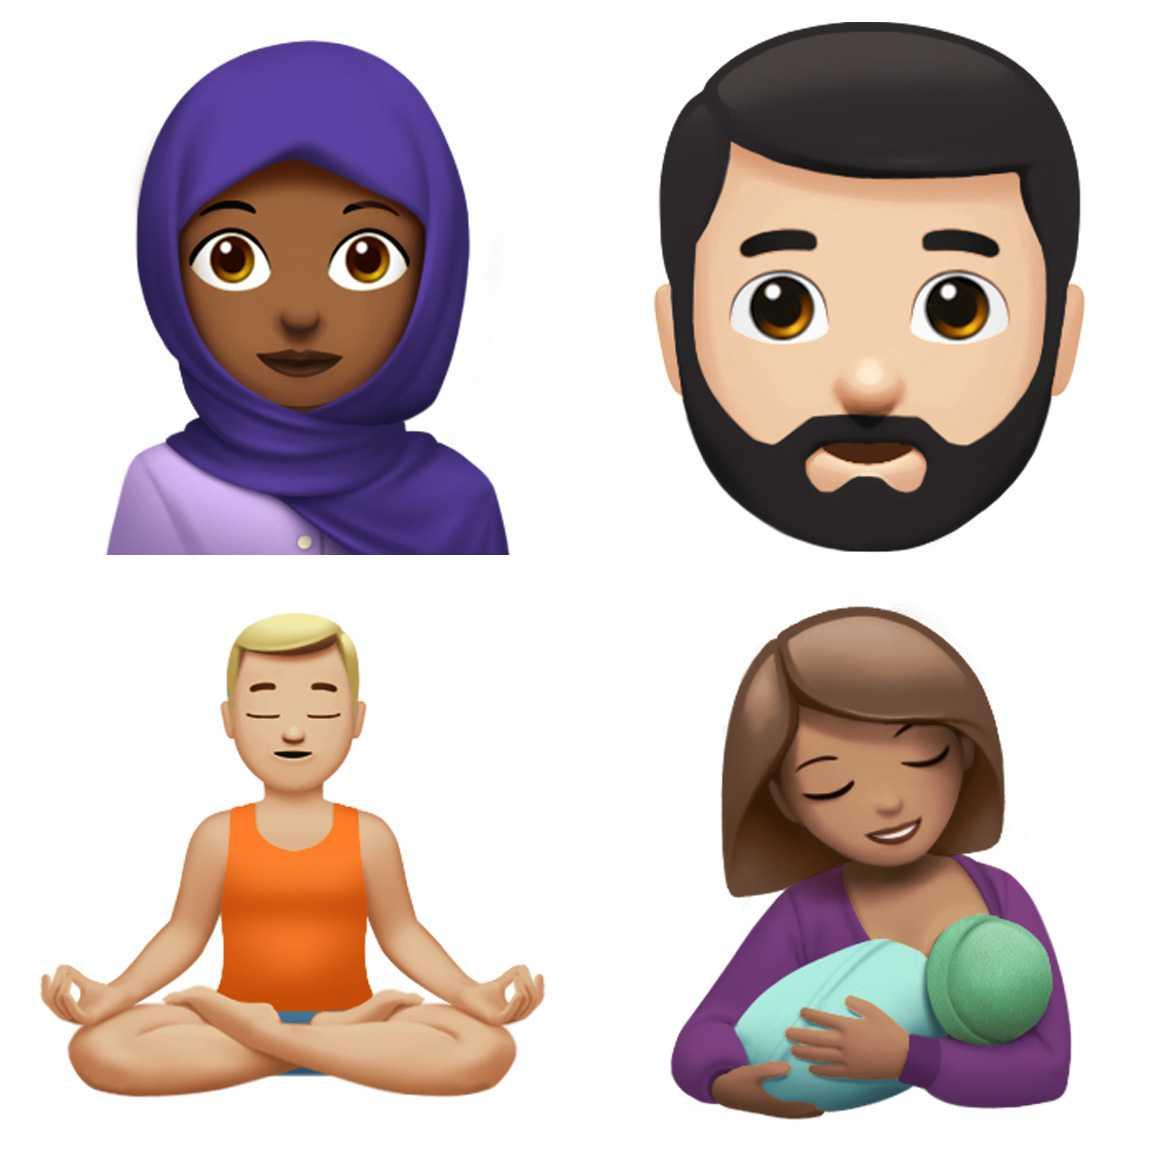 Emojis in iOS 11